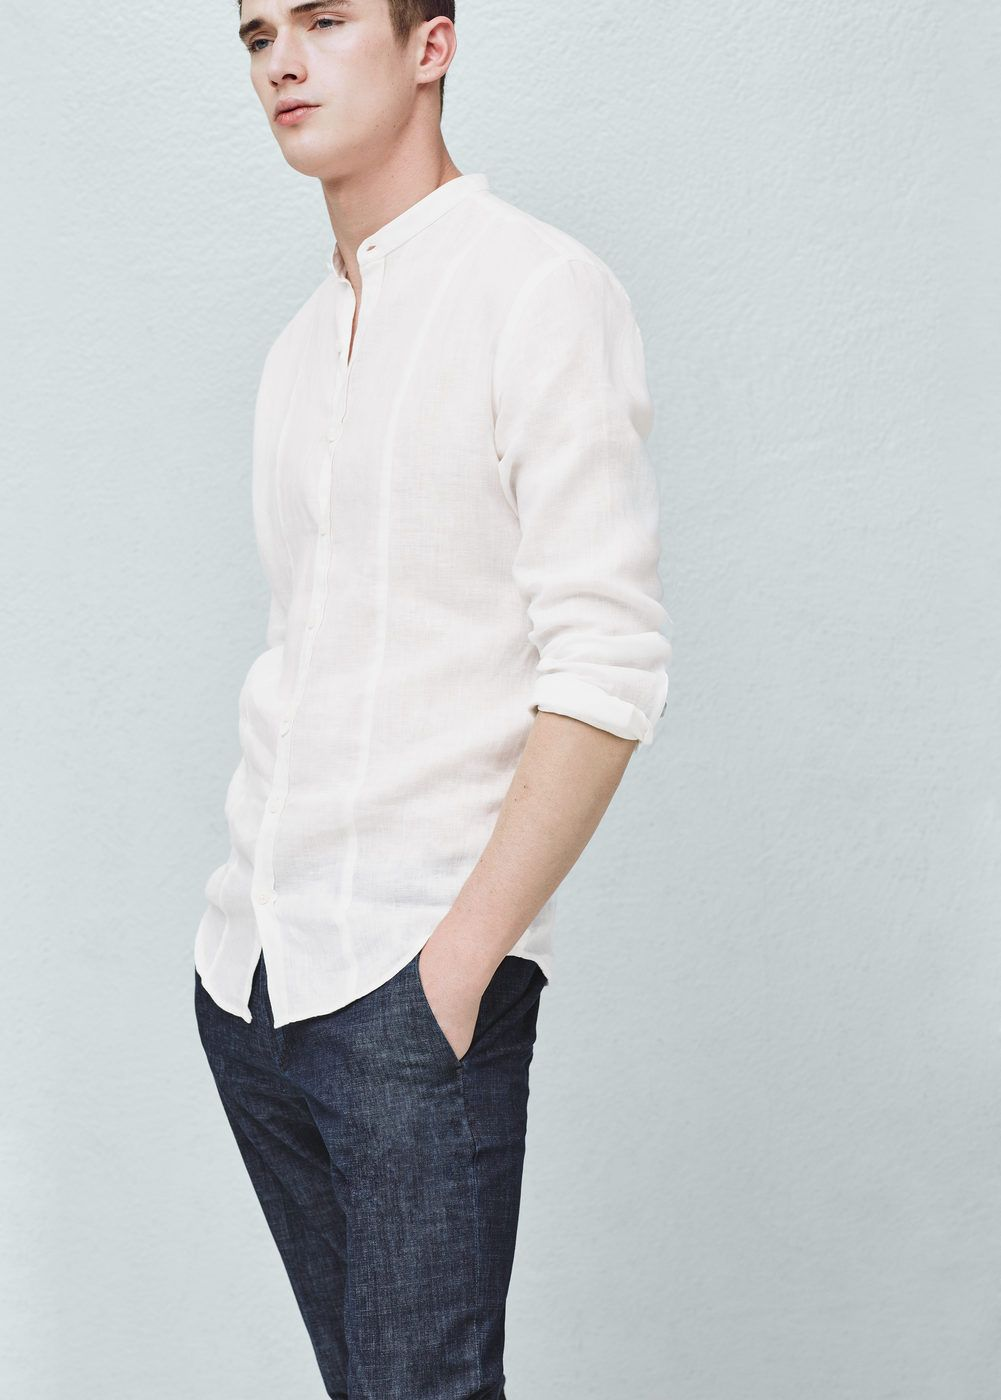 Camisa slim-fit lino cuello mao - Camisas de Hombre  0761fe82986